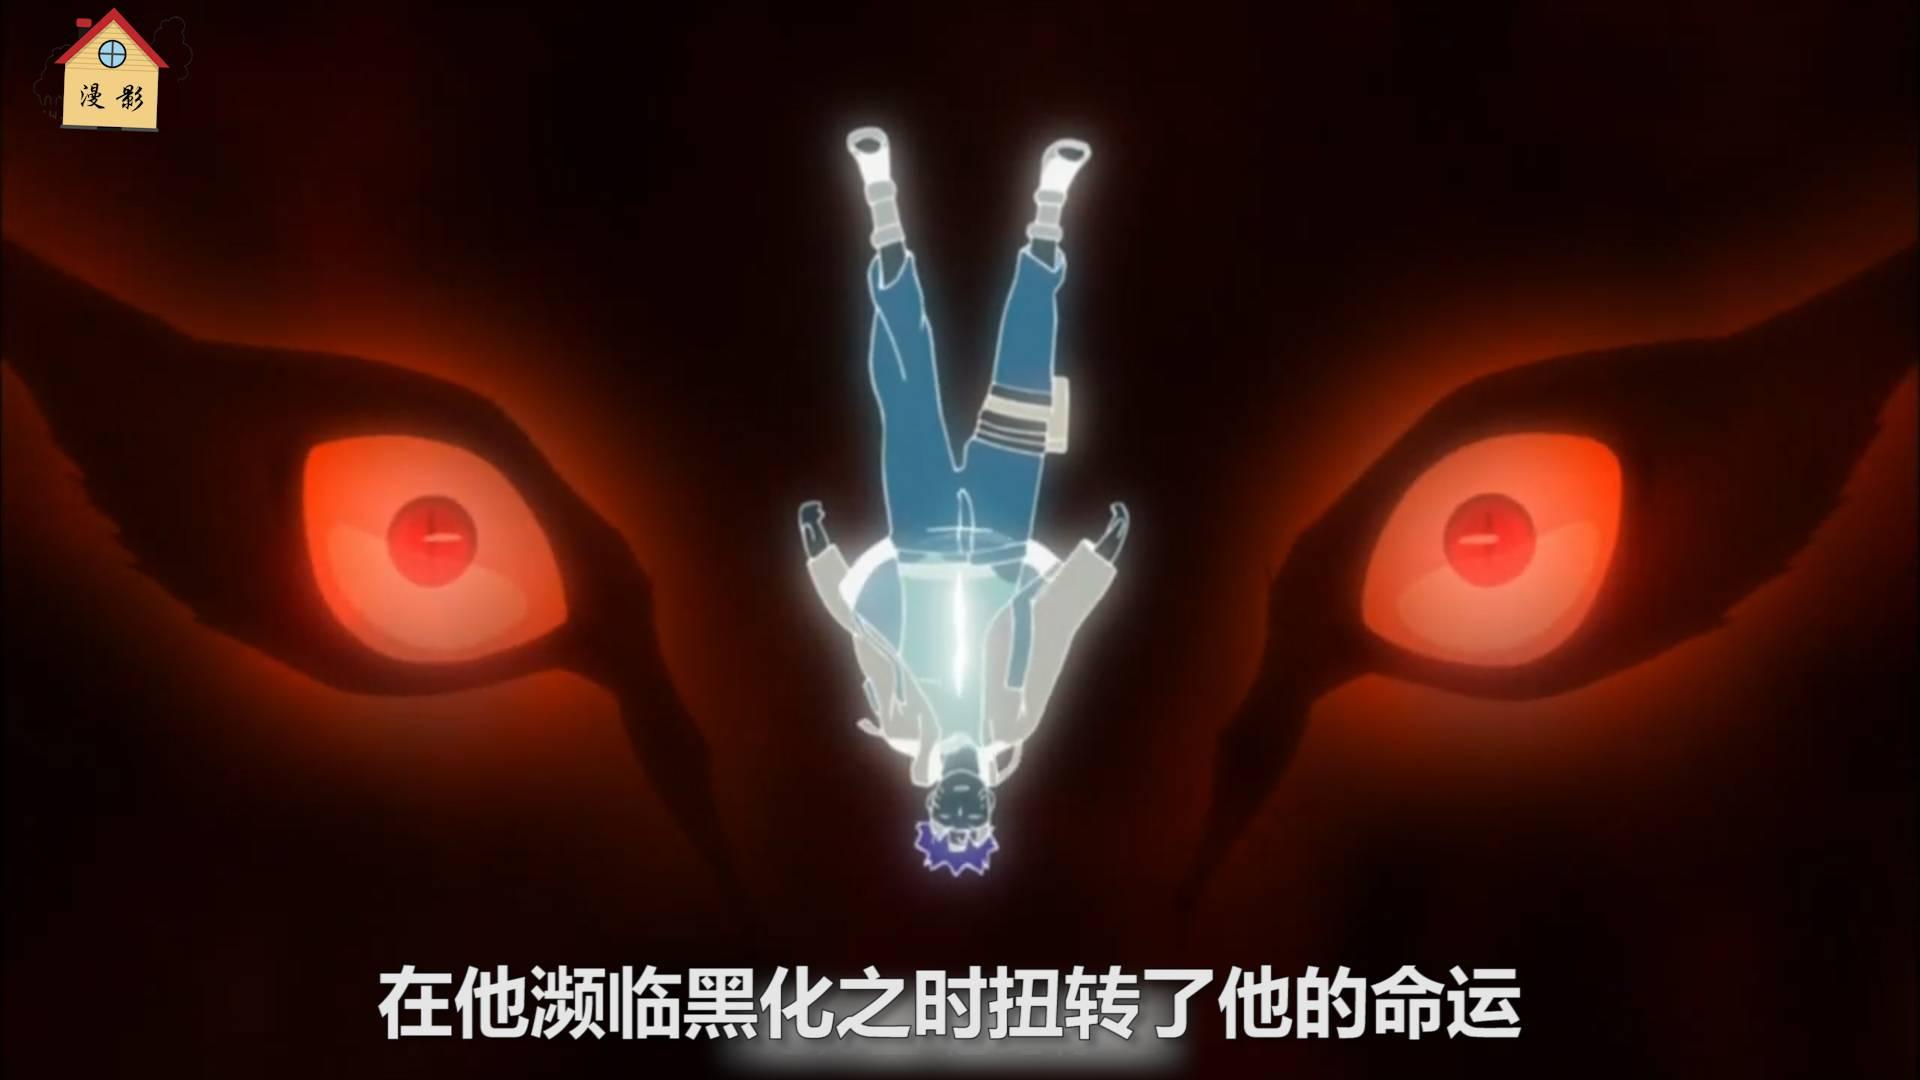 火影忍者:他曾自称一拳就能解决鸣人,如今却只能在木叶大牢终老